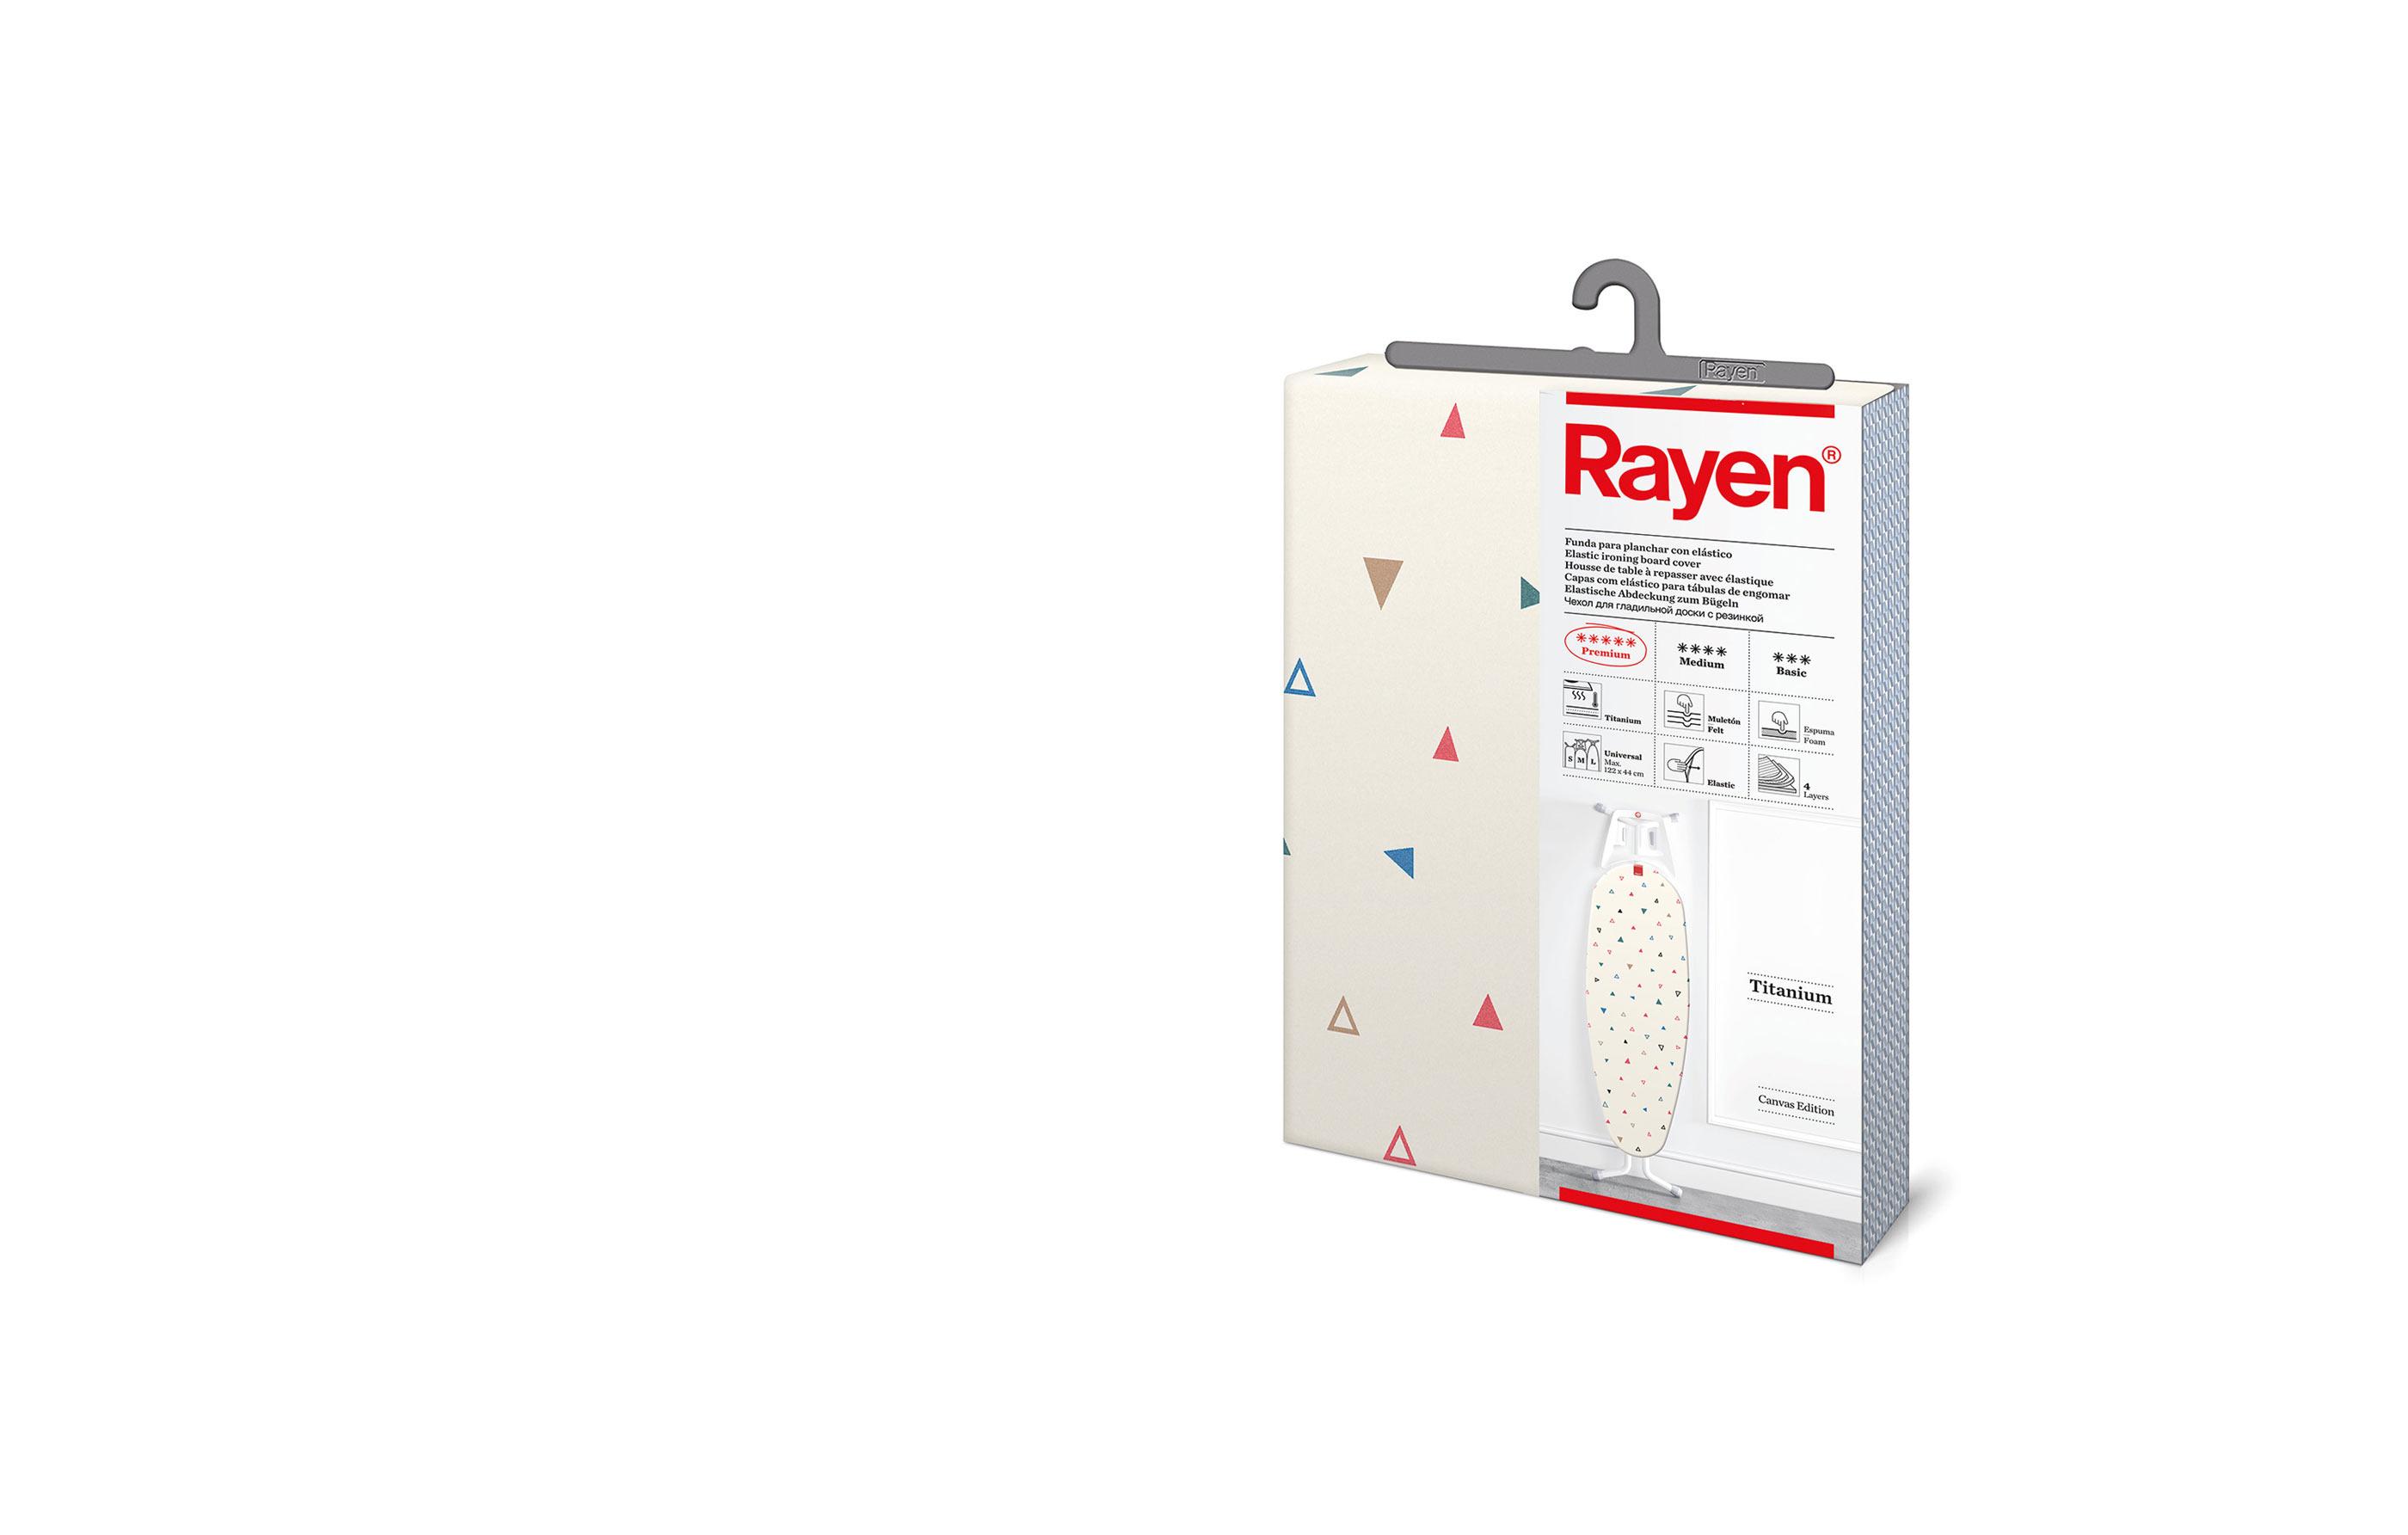 slider-fundas-plancha-1 slider-fundas-plancha | Rayen.com